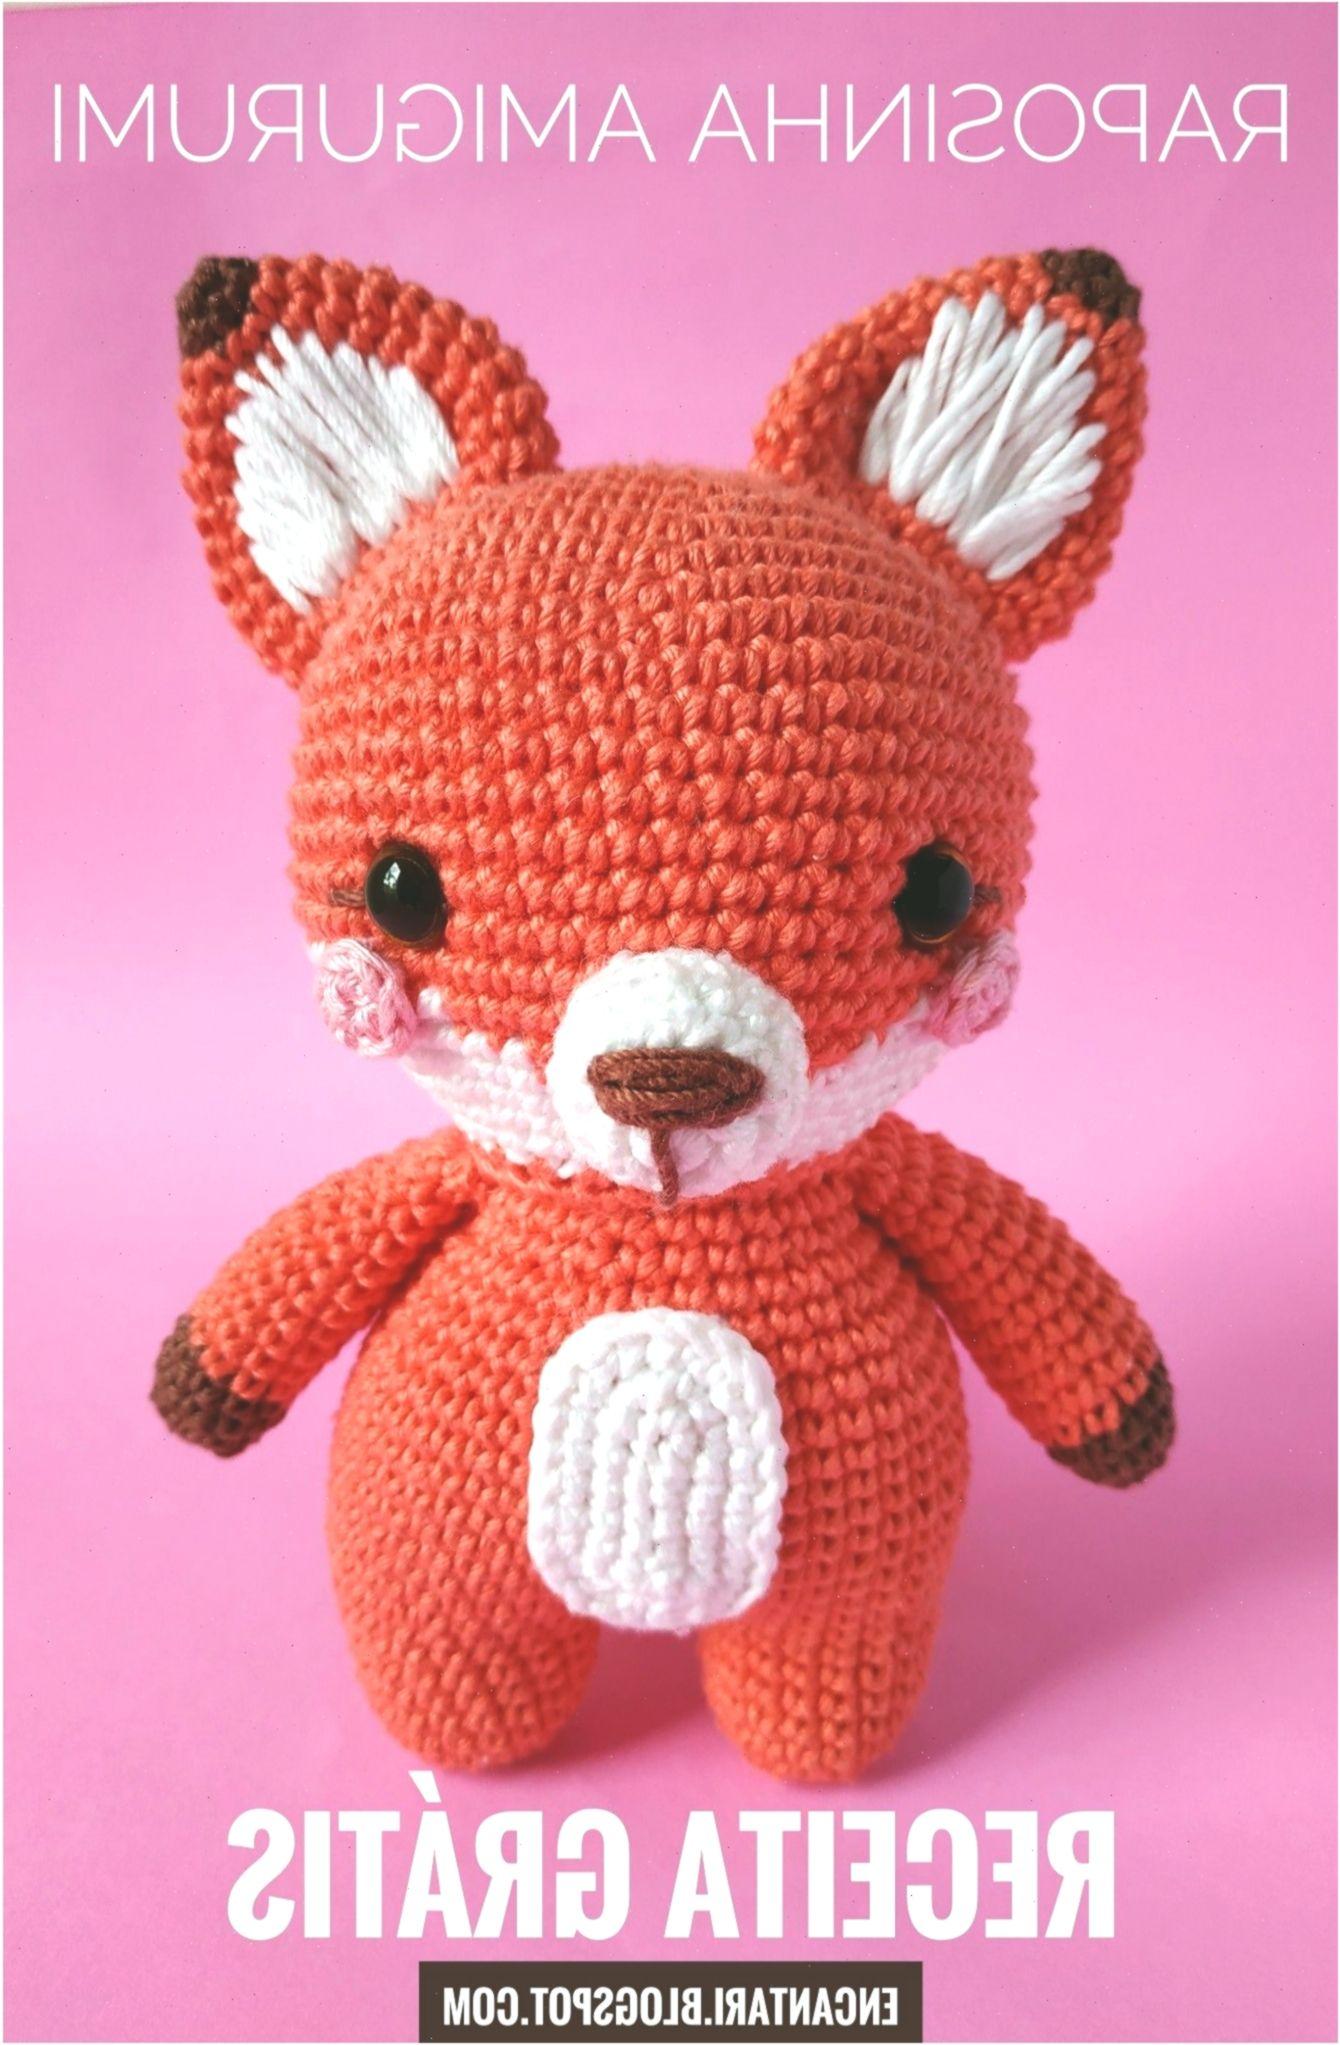 Raposa de crochê com receita: Amigurumi | Háčkování, Hračky, Polštáře | 2045x1340